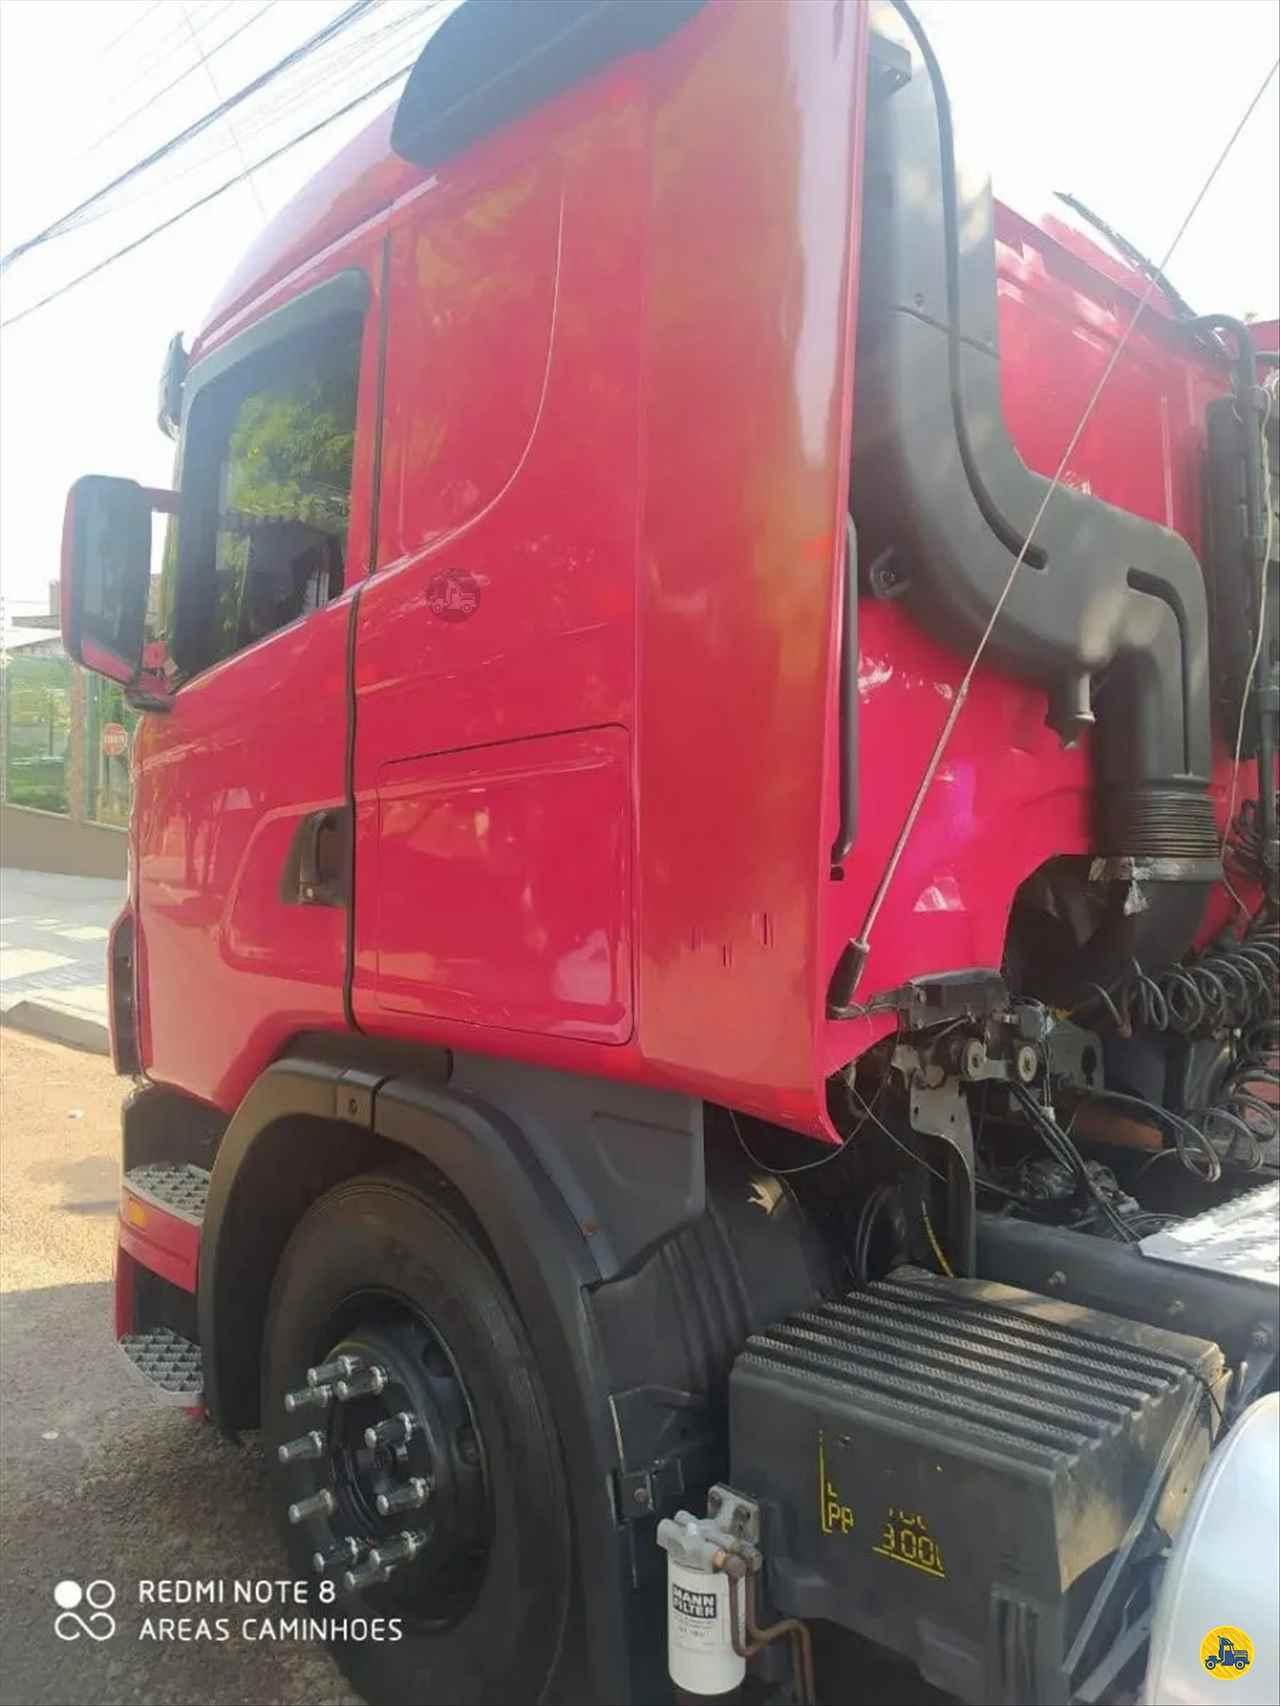 SCANIA SCANIA 420 750000km 2010/2011 Maracavel Londrina Caminhões